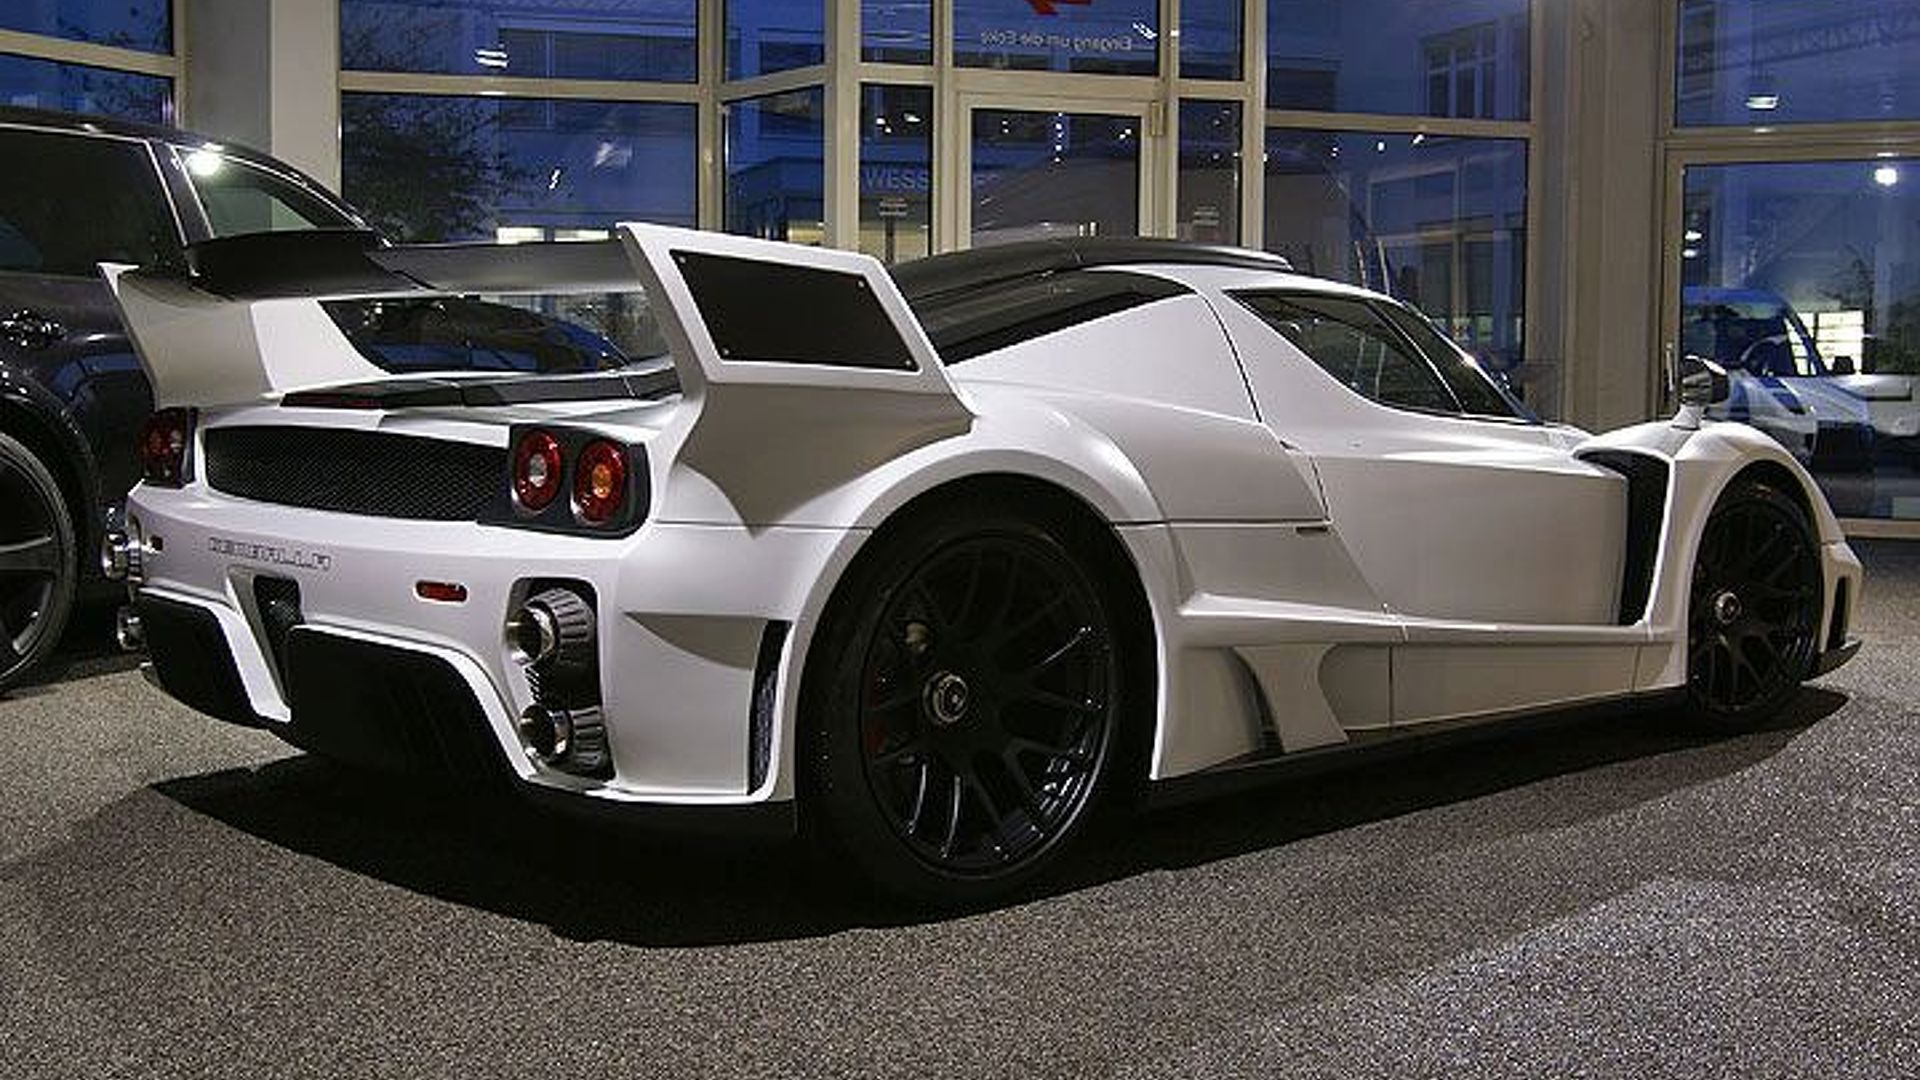 Gemballa Mig U1 Based Ferrari Enzo Revealed